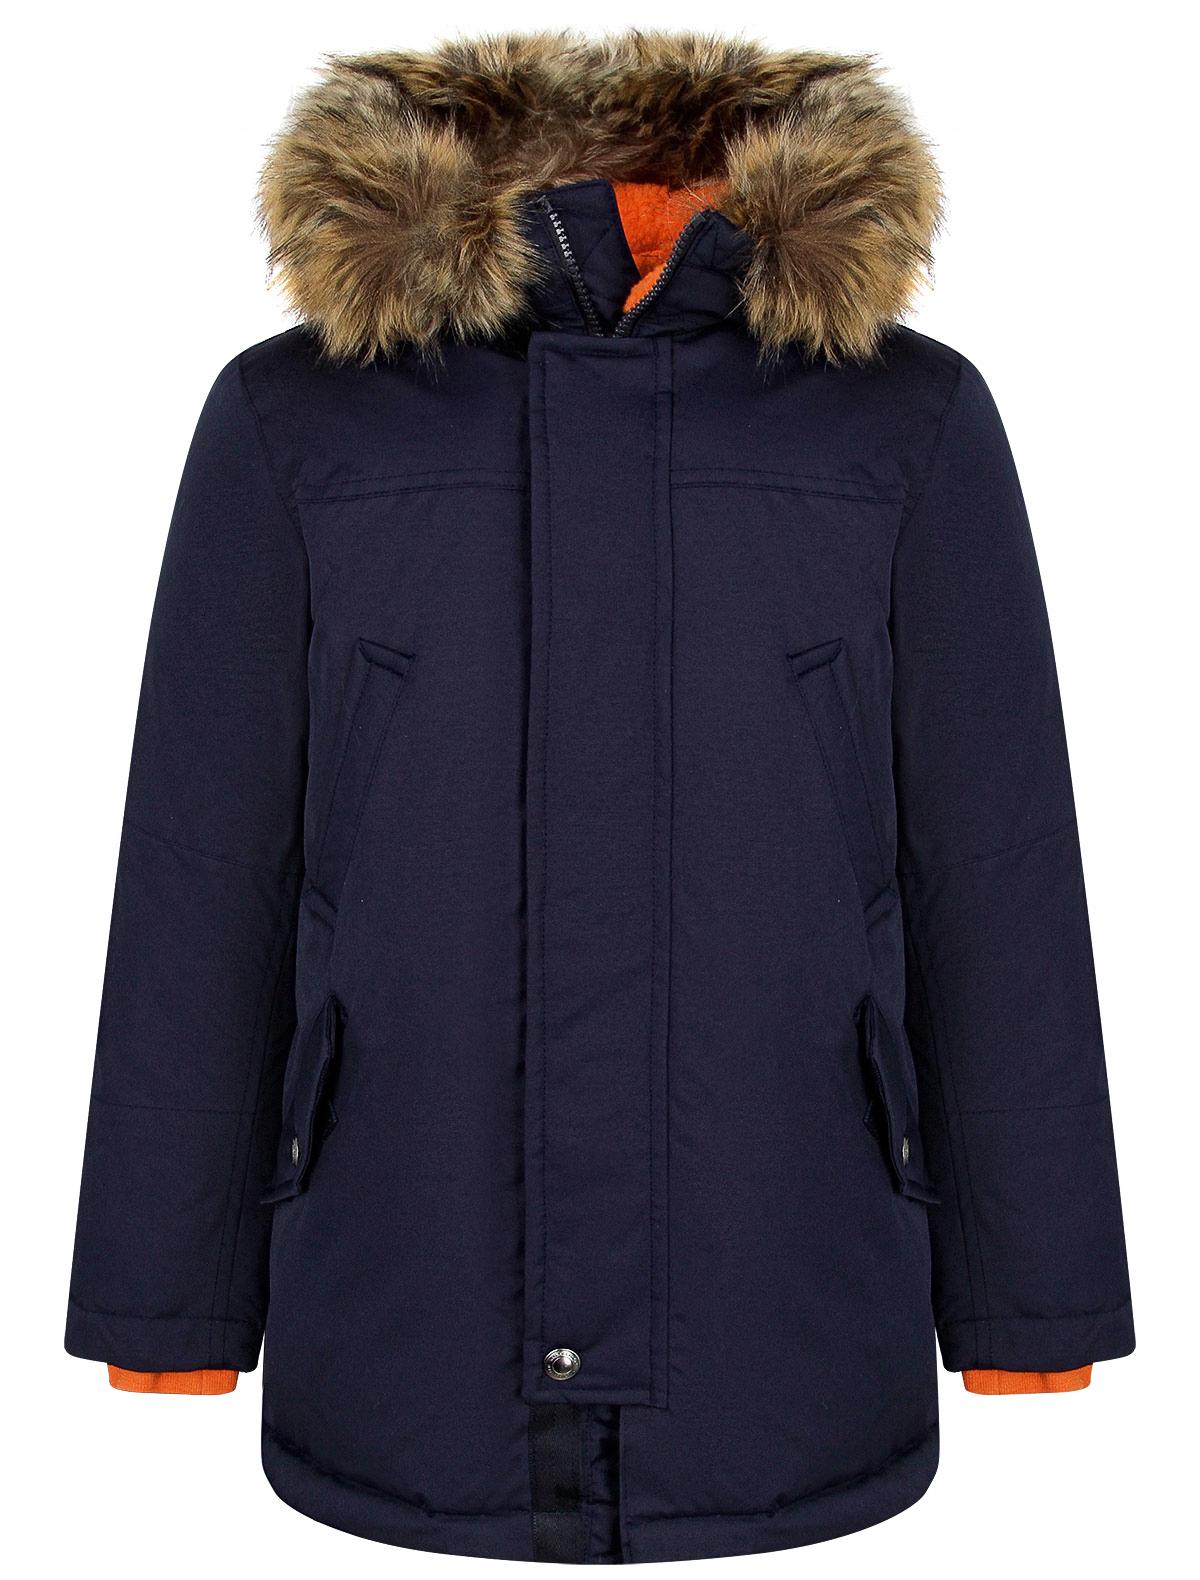 Купить 2263553, Куртка Ralph Lauren, синий, Мужской, 1074519083853